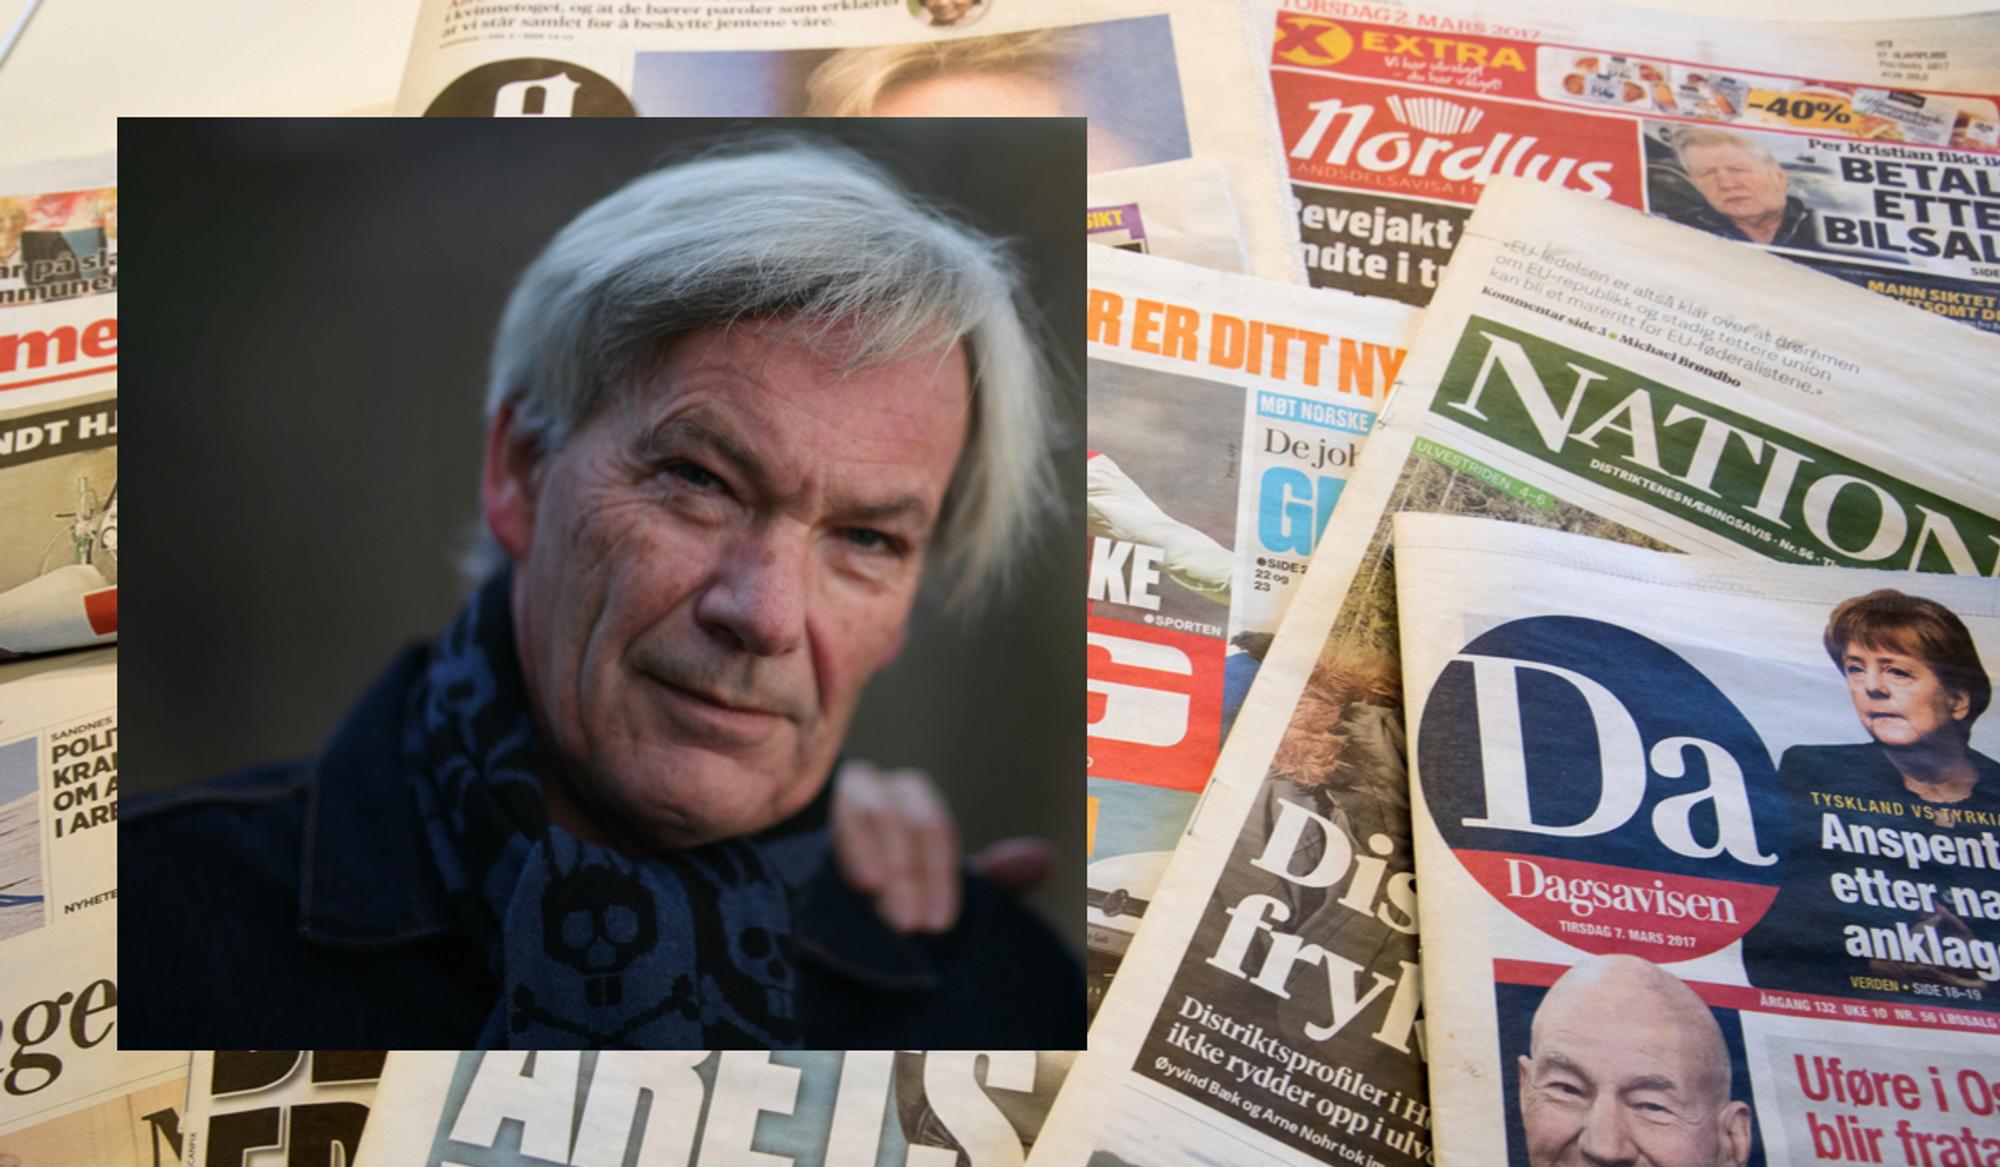 Avisene har aldri vært mer avhengig av staten enn nå